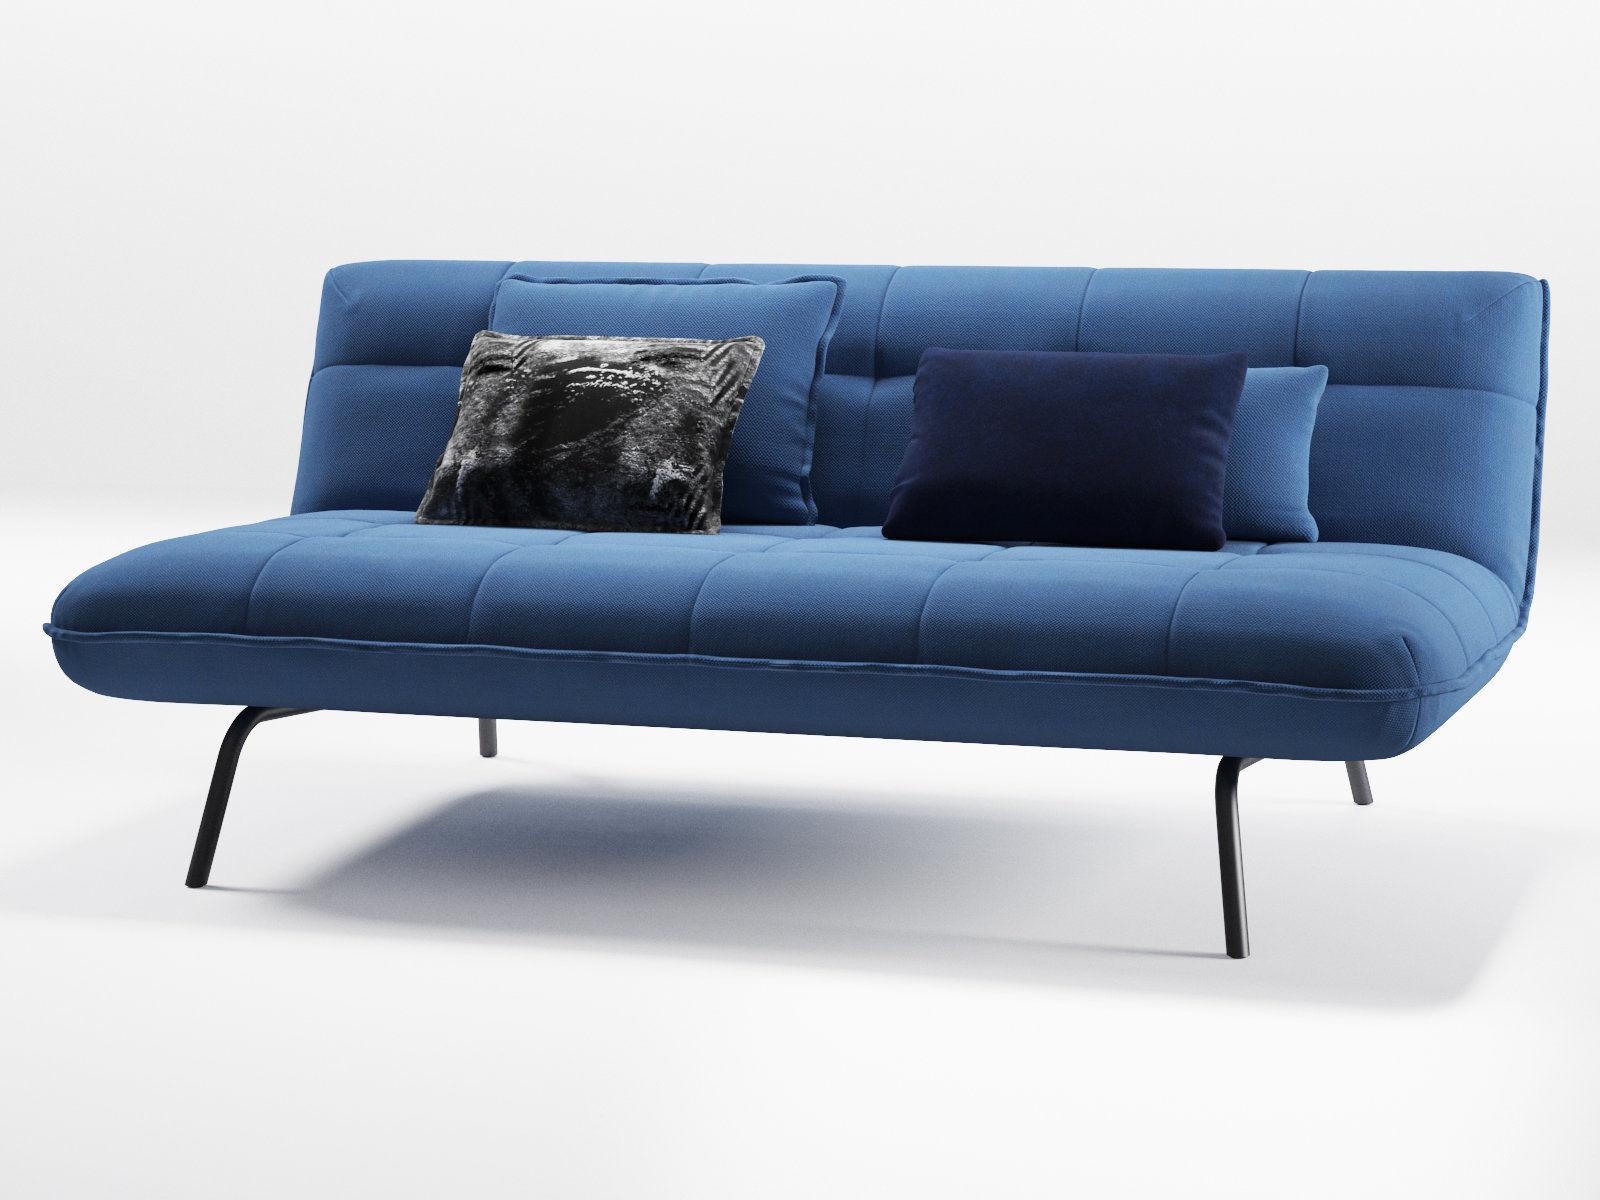 Berlin Loft Sofa Bed Model Max Obj Mtl Fbx C4d Skp Mxs 2